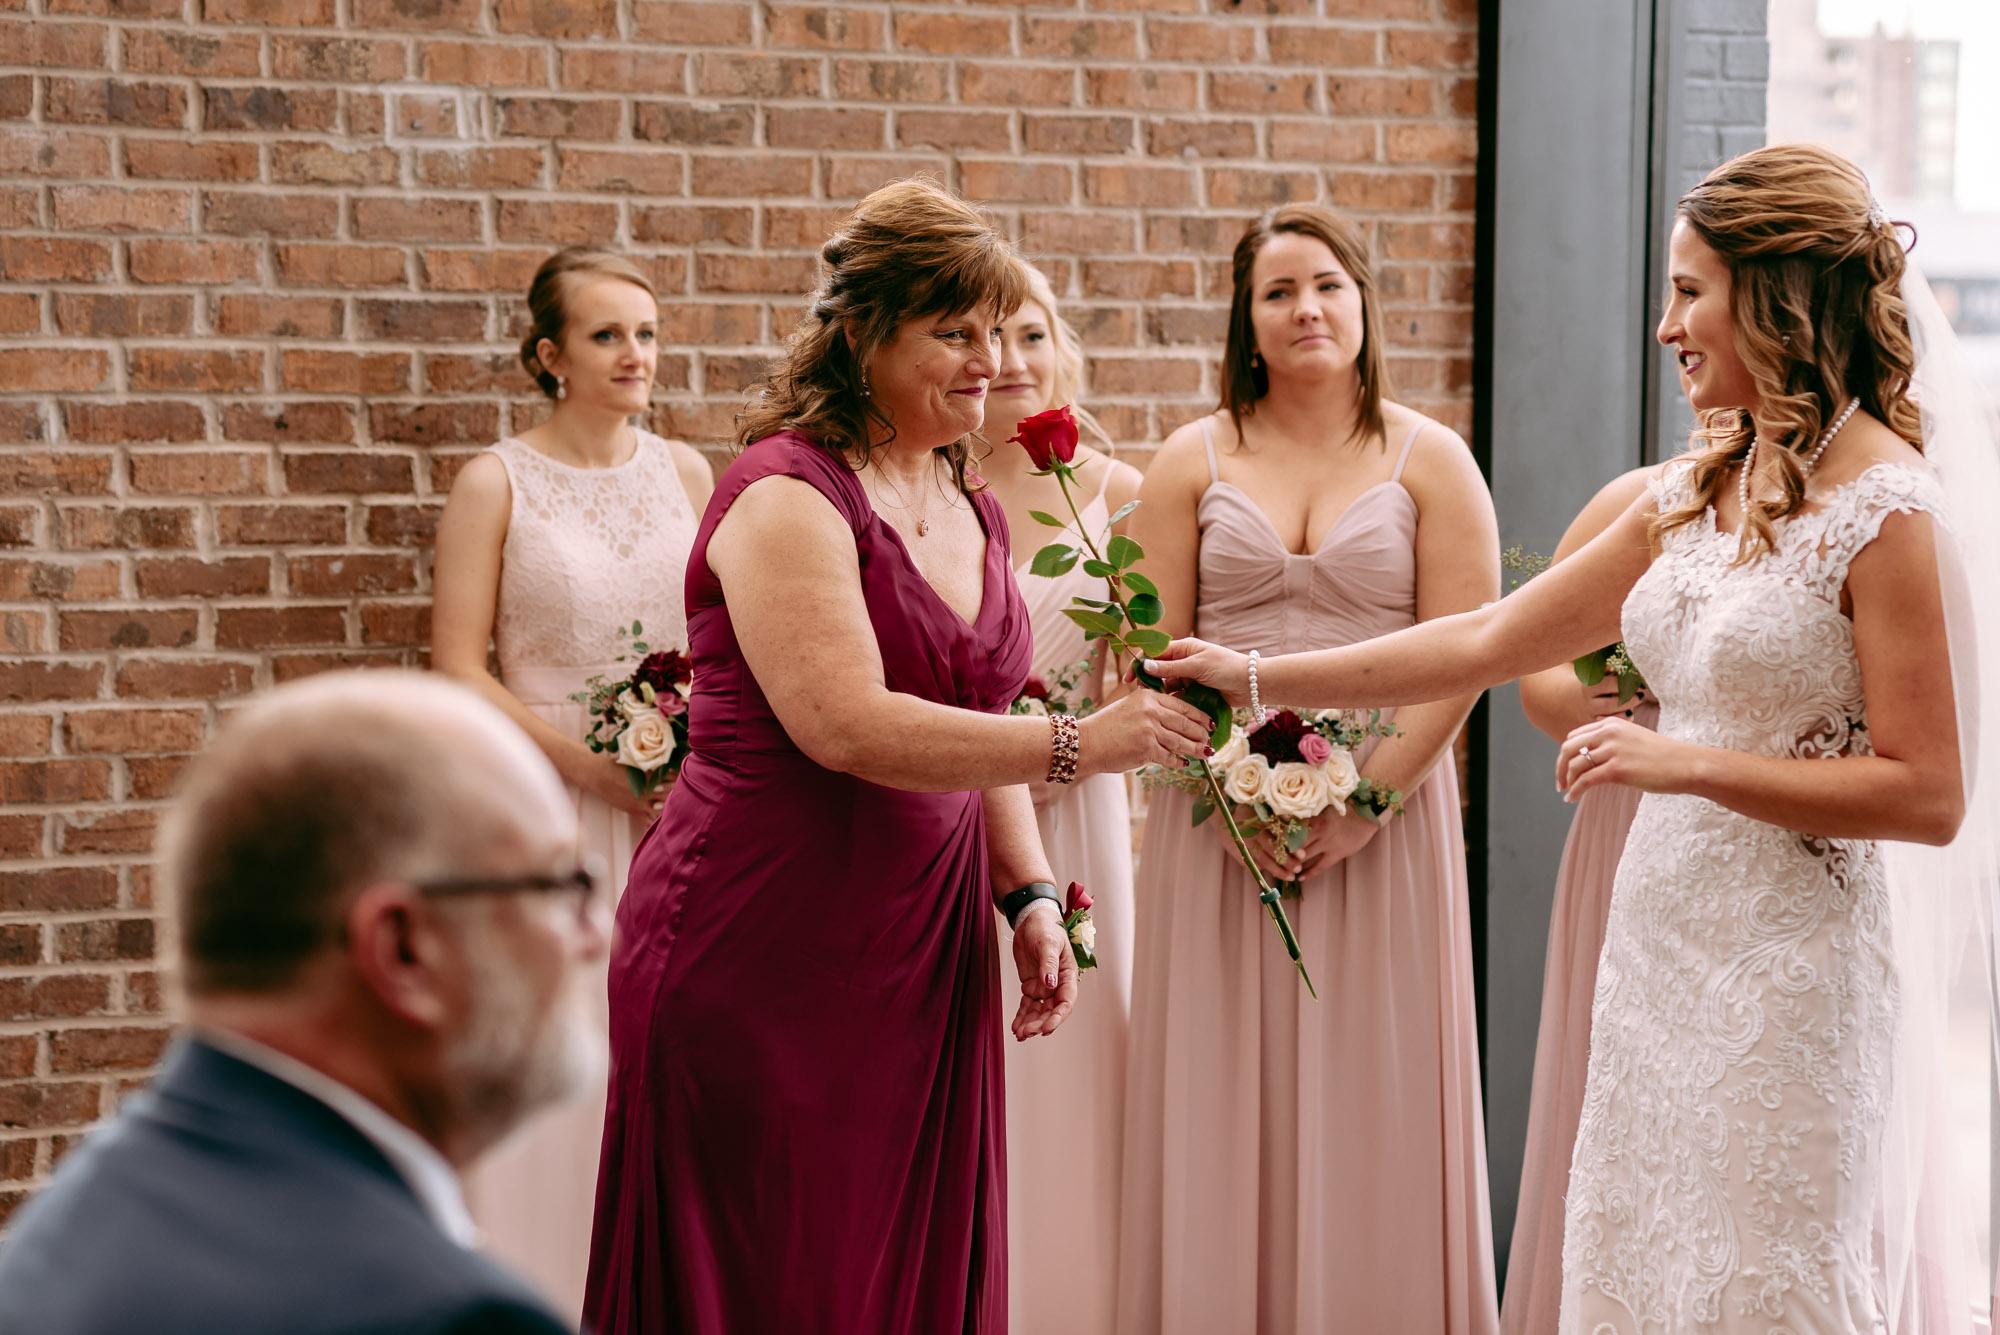 the-standard-rockford-il-wedding-photos-139.jpg